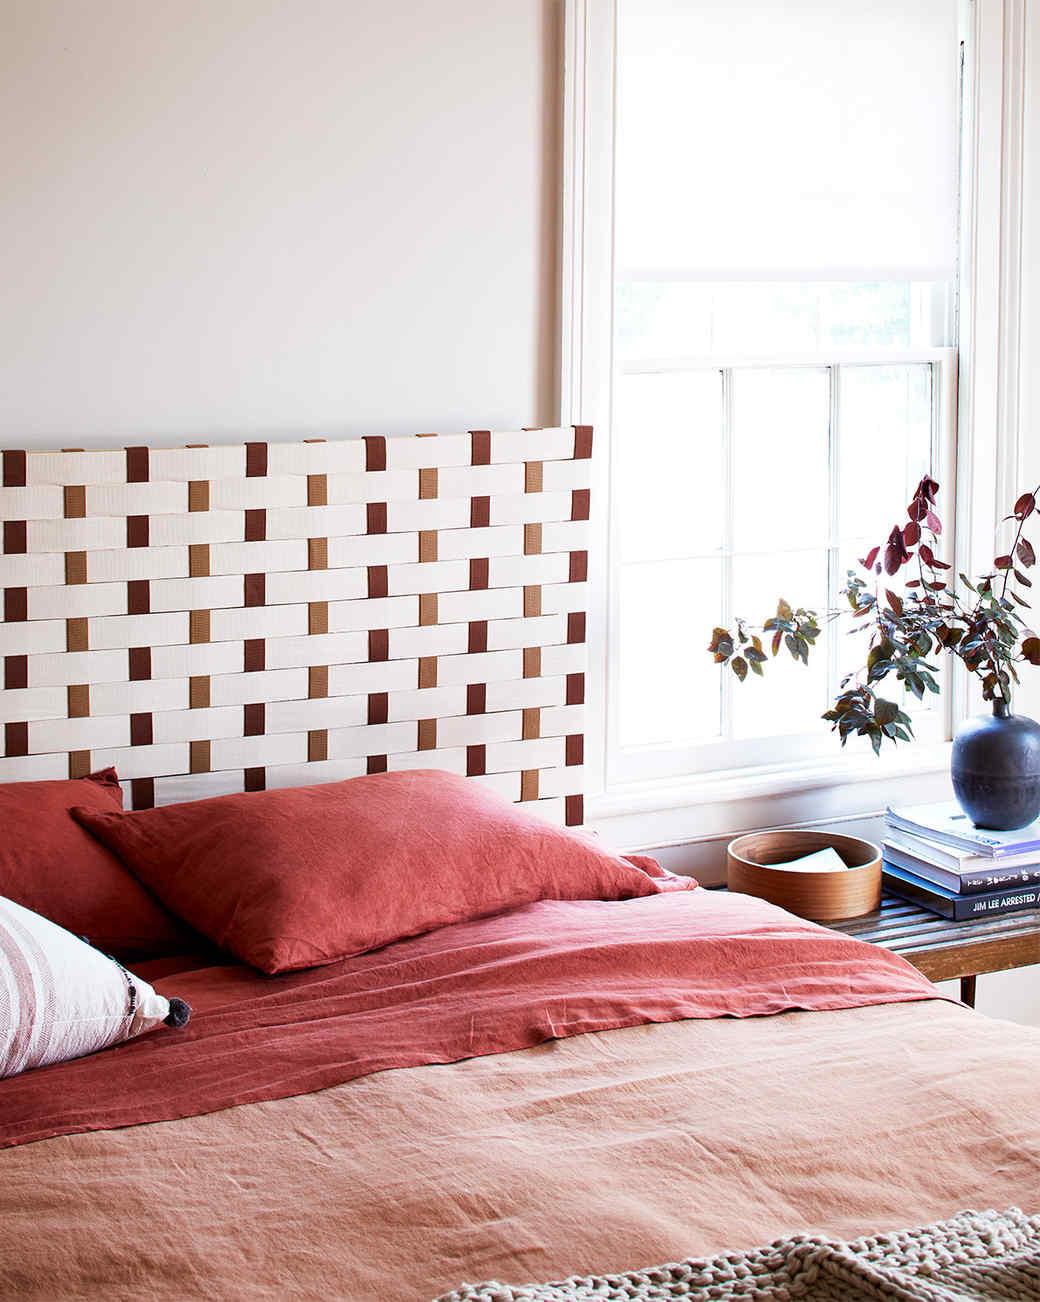 woven headboard in a bedroom